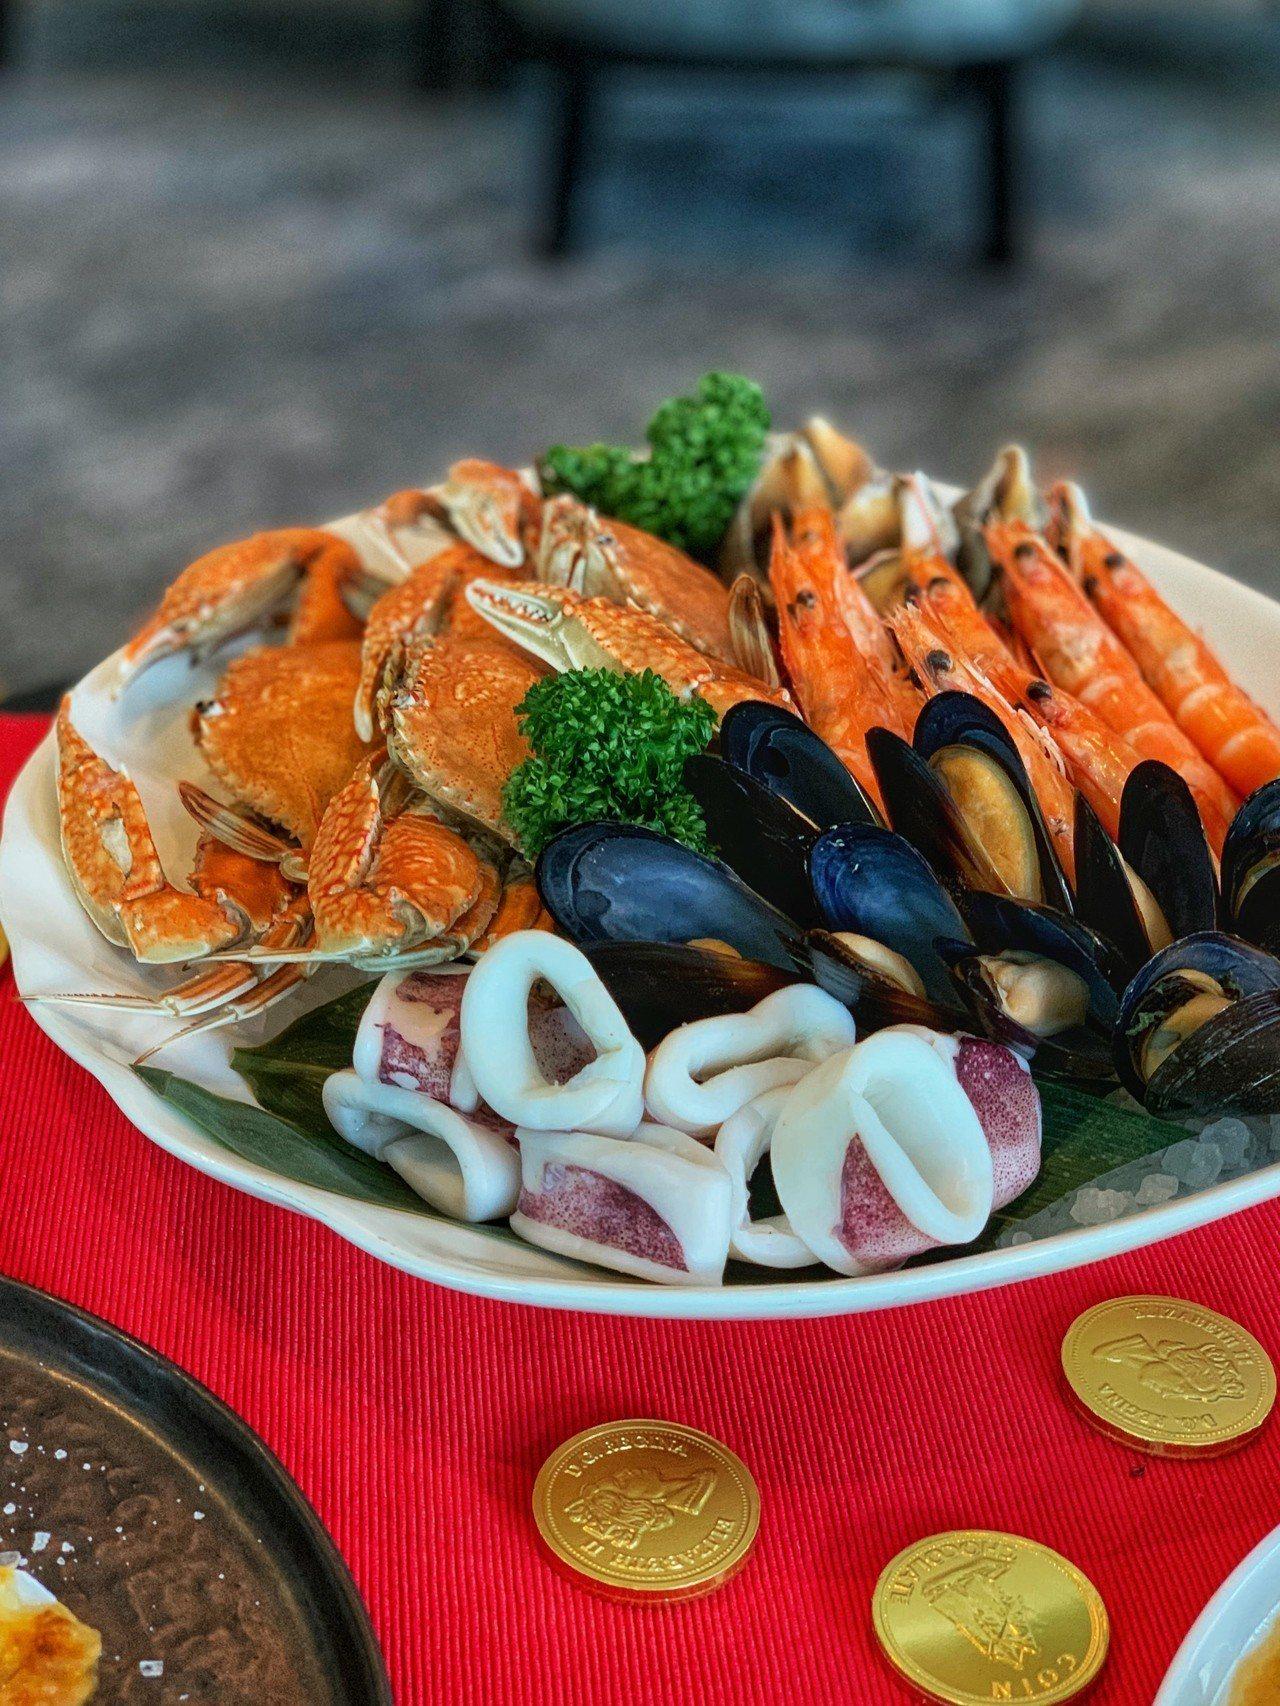 海鮮拼盤等擺盤較有層次、澎湃的年菜,可以嘗試用45度的角度進行拍攝。圖/Taip...